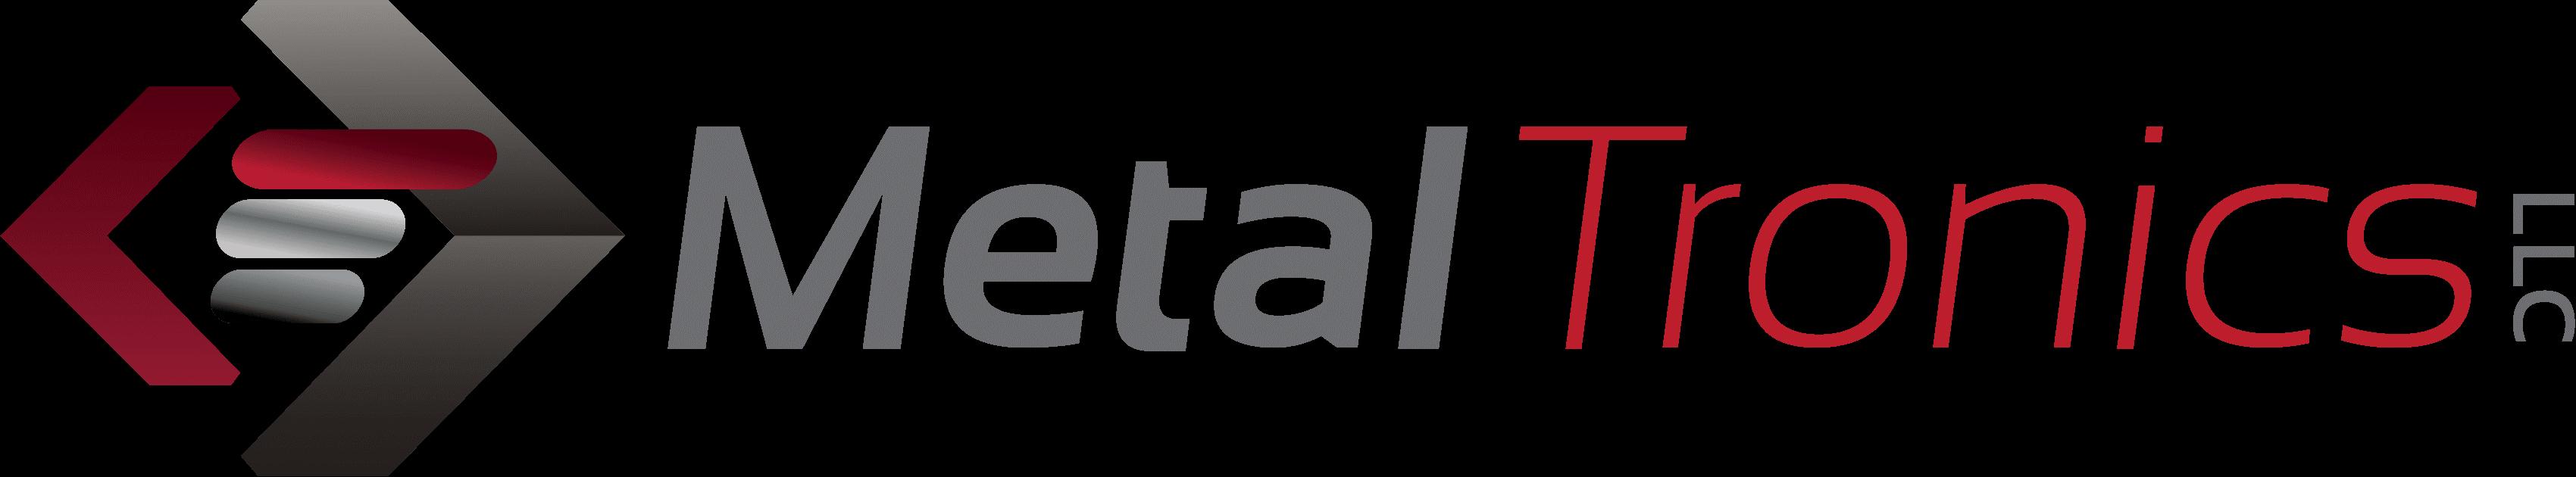 Metal Tronics LLC